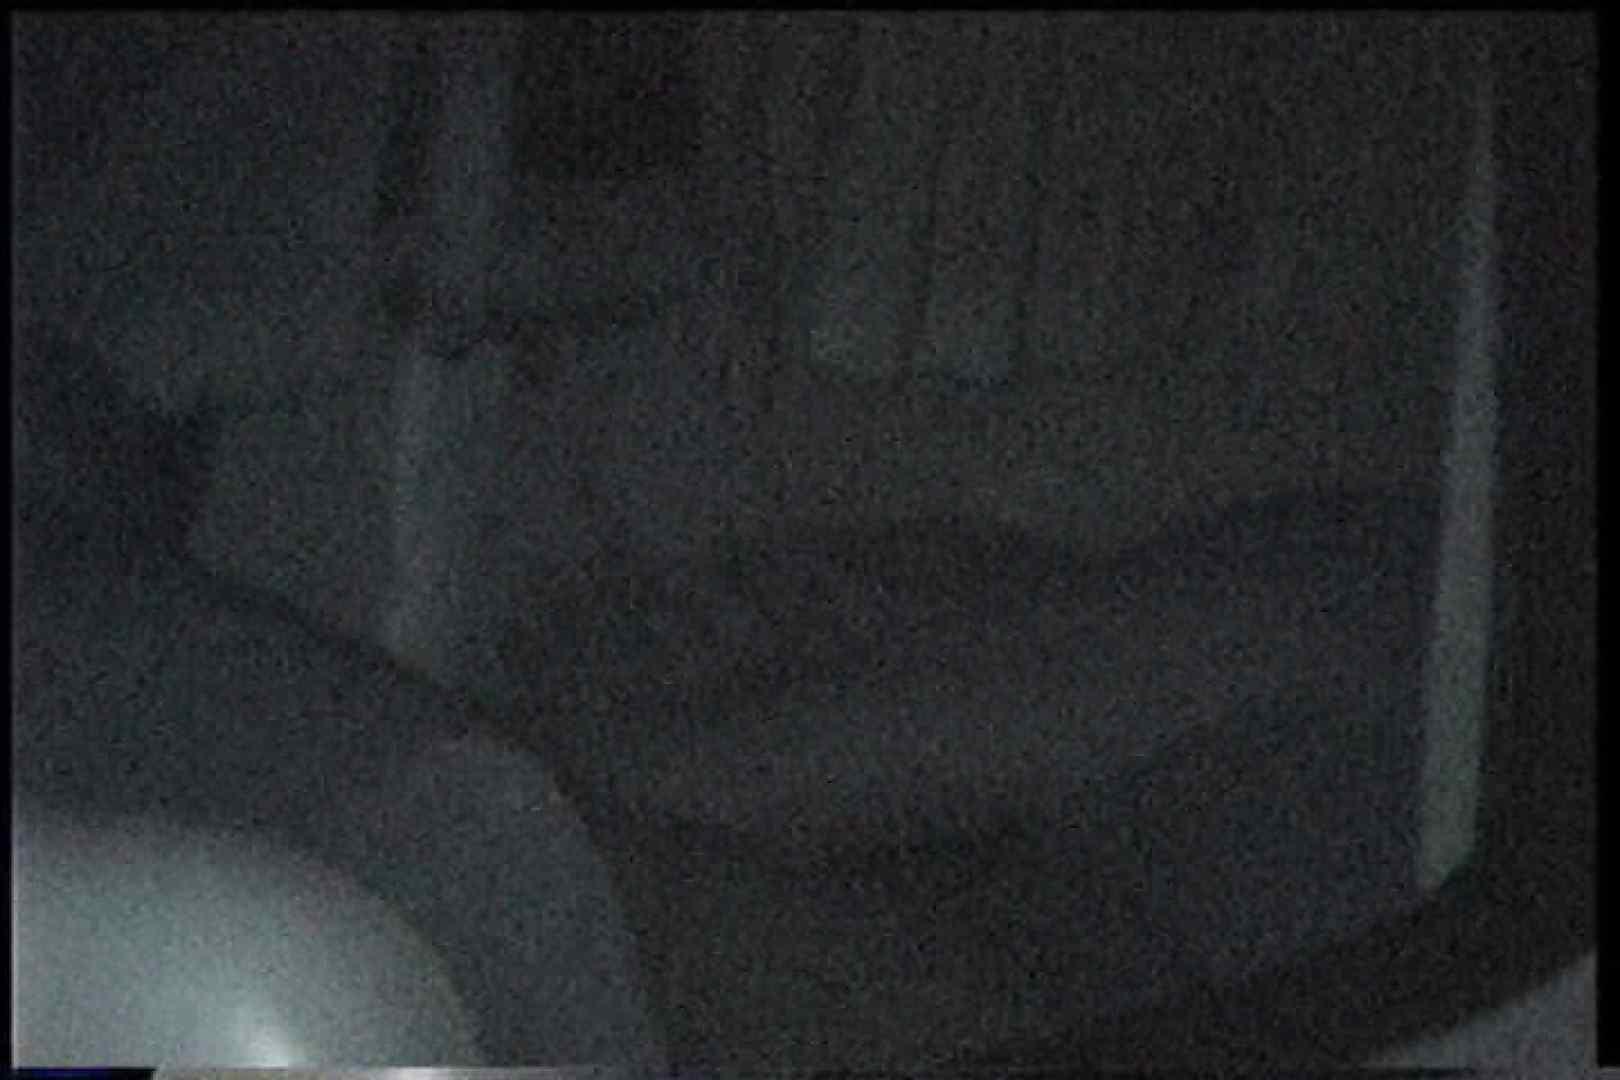 充血監督の深夜の運動会Vol.177 前編 エロティックなOL  88画像 72